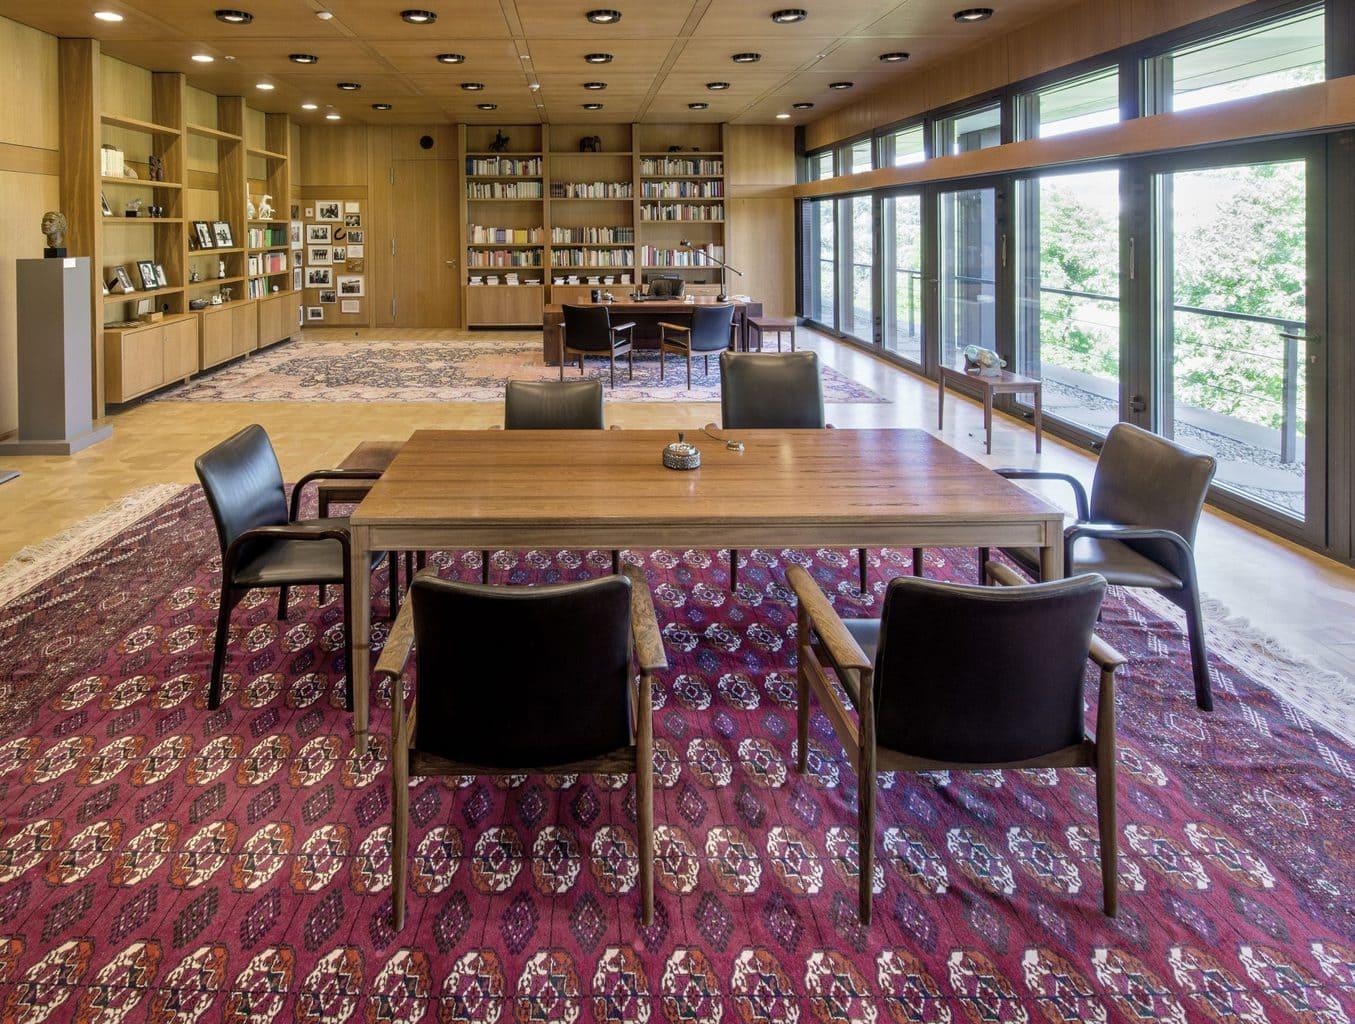 De voormalige werkkamer van de Duitse bondskanselier in Bonn